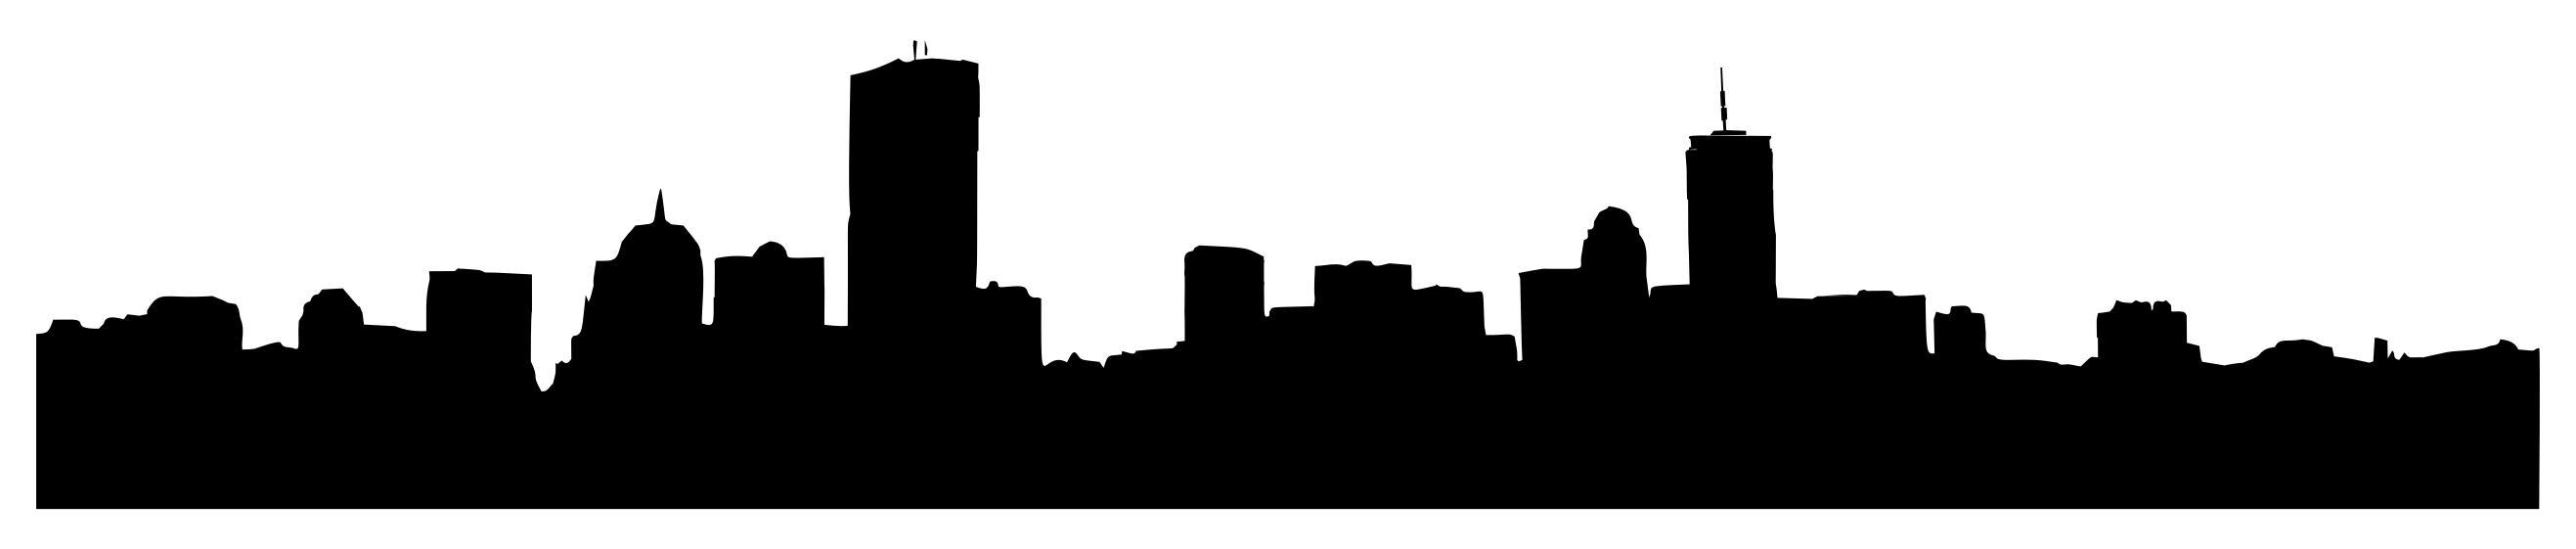 2634x561 Generic Cityscape Silhouette 4 Clipart